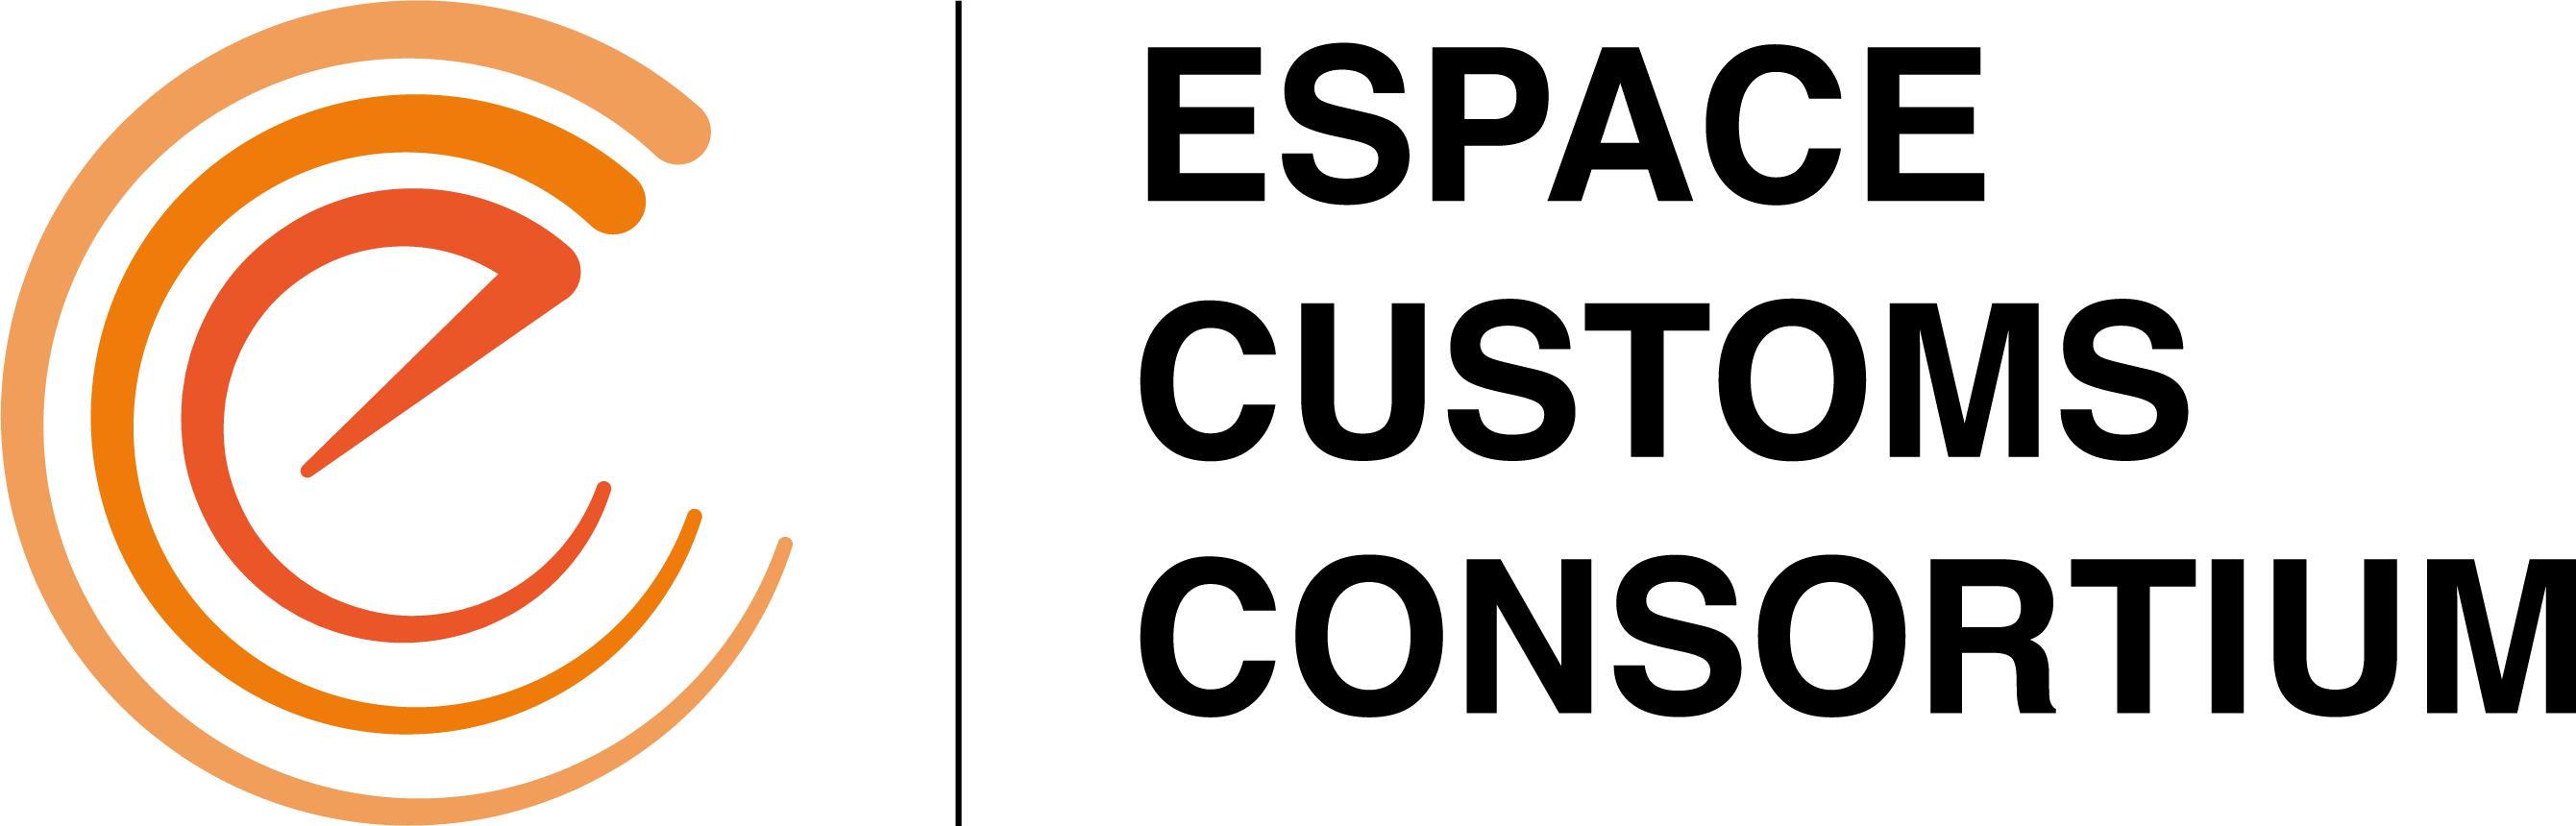 Espace Customs Consortium